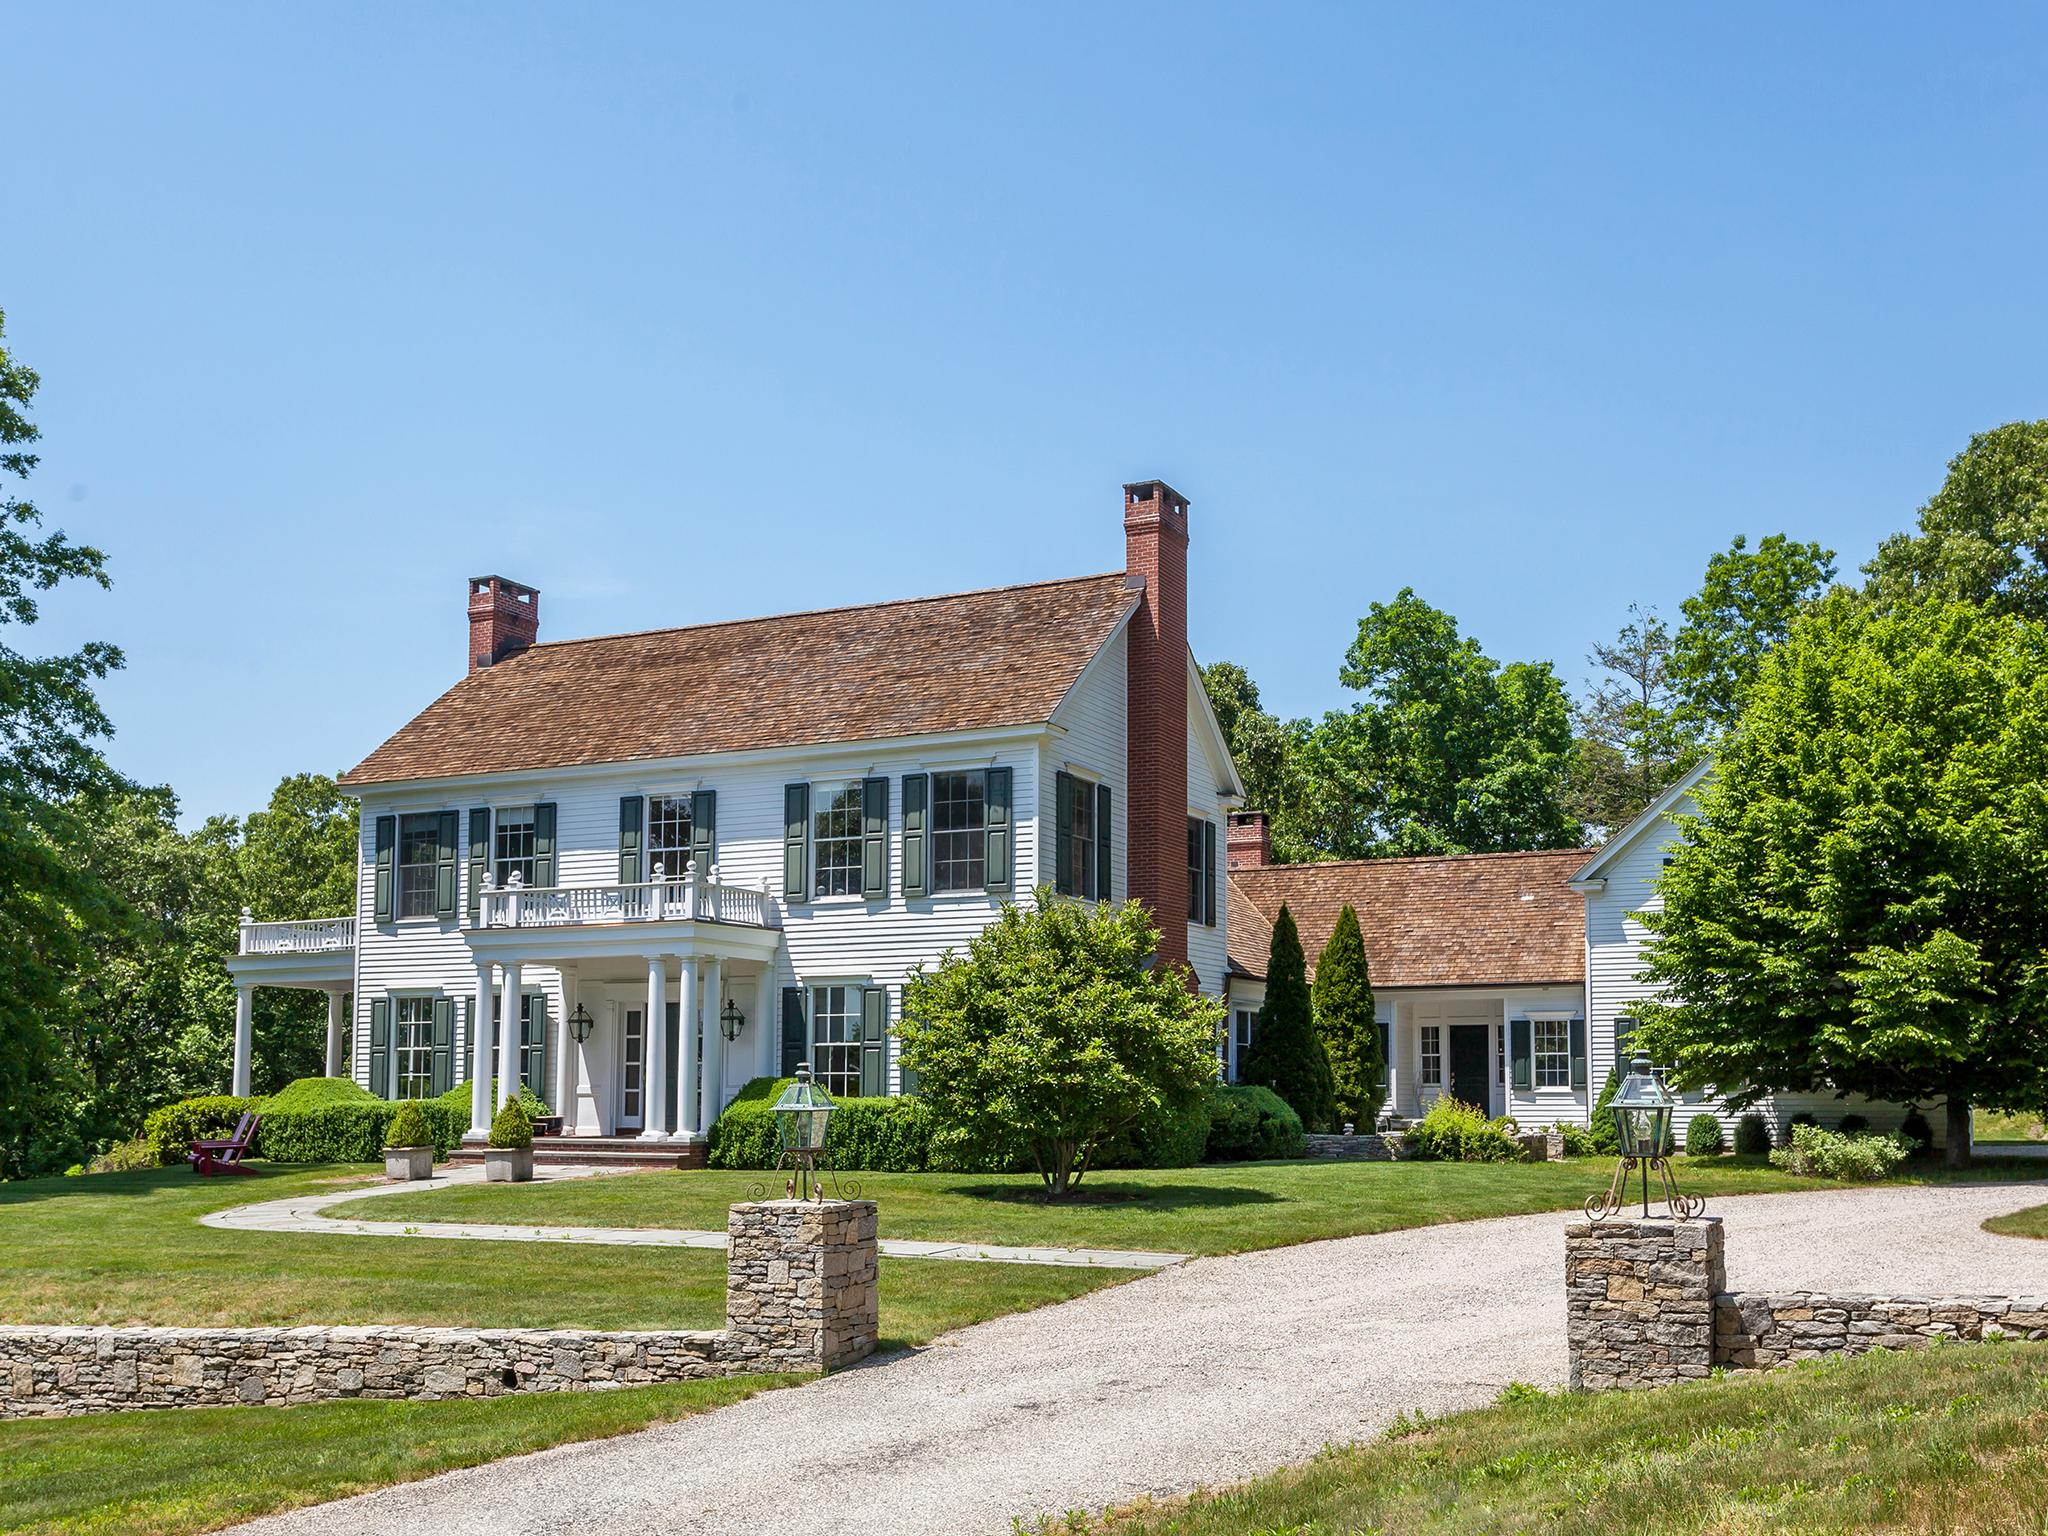 Casa Unifamiliar por un Venta en 21st Century Colonial 36 Southbury Rd Roxbury, Connecticut 06783 Estados Unidos